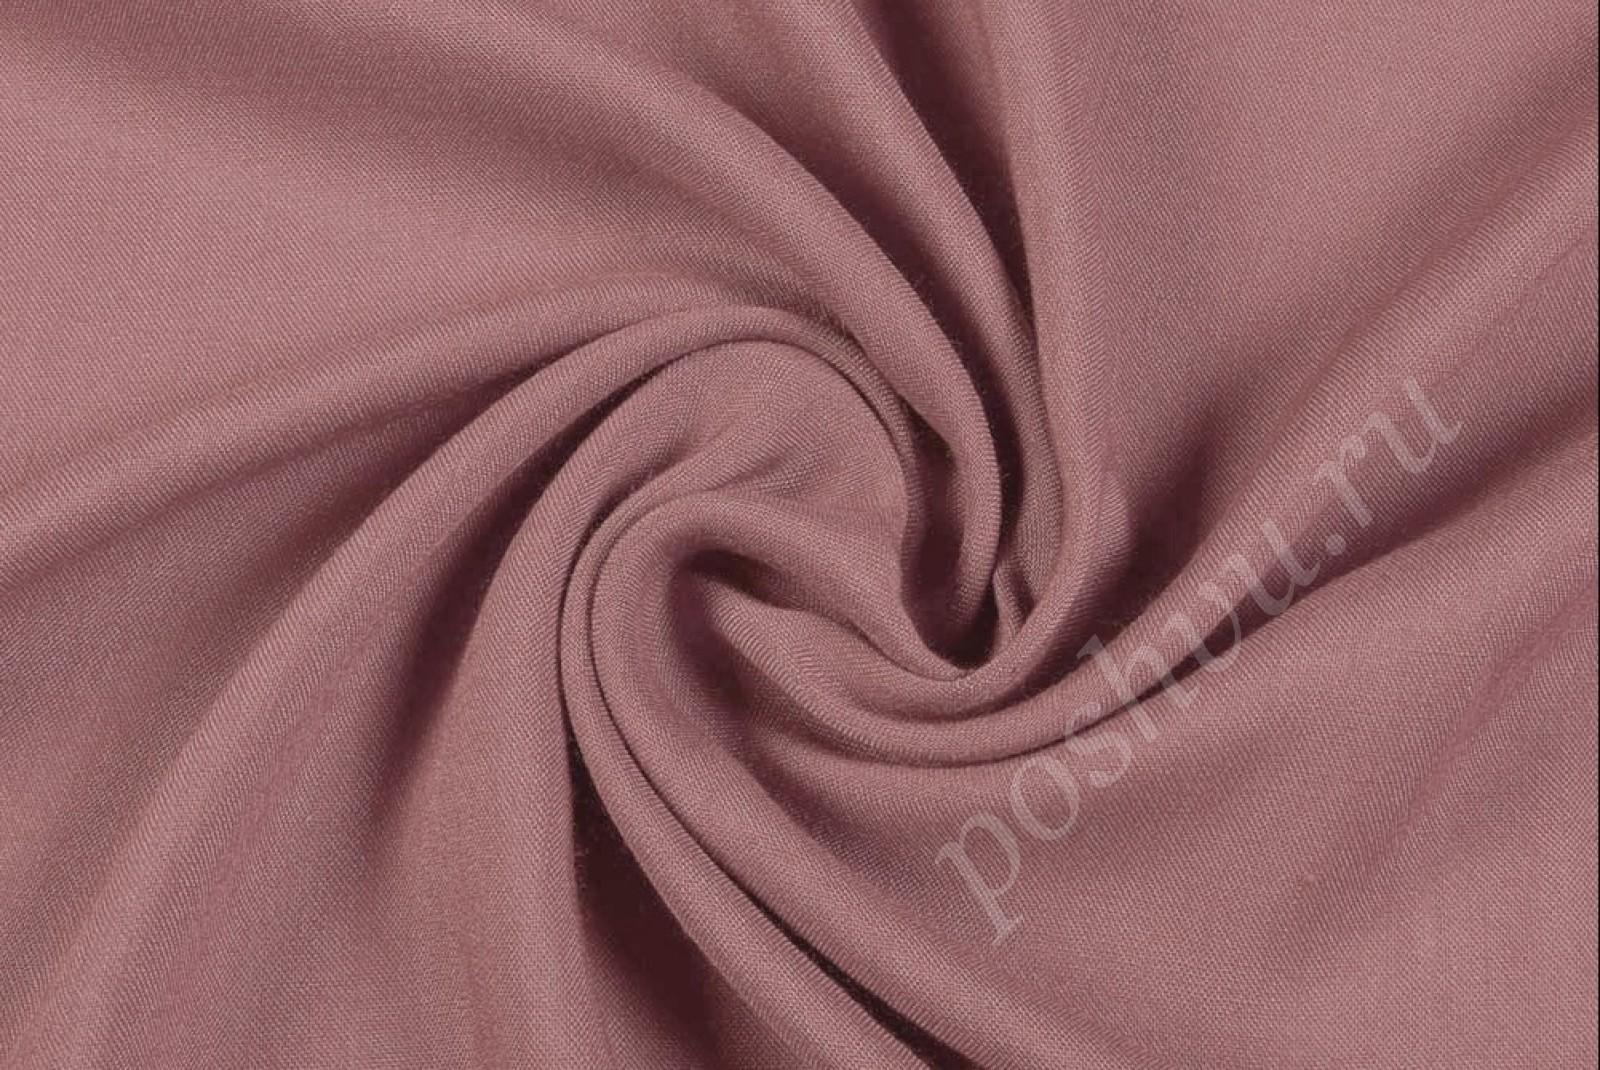 Штапель: что за ткань, описание и состав, тянется или нет, садится ли после стирки, что шьют и как применяют, натуральный материал или вискоза